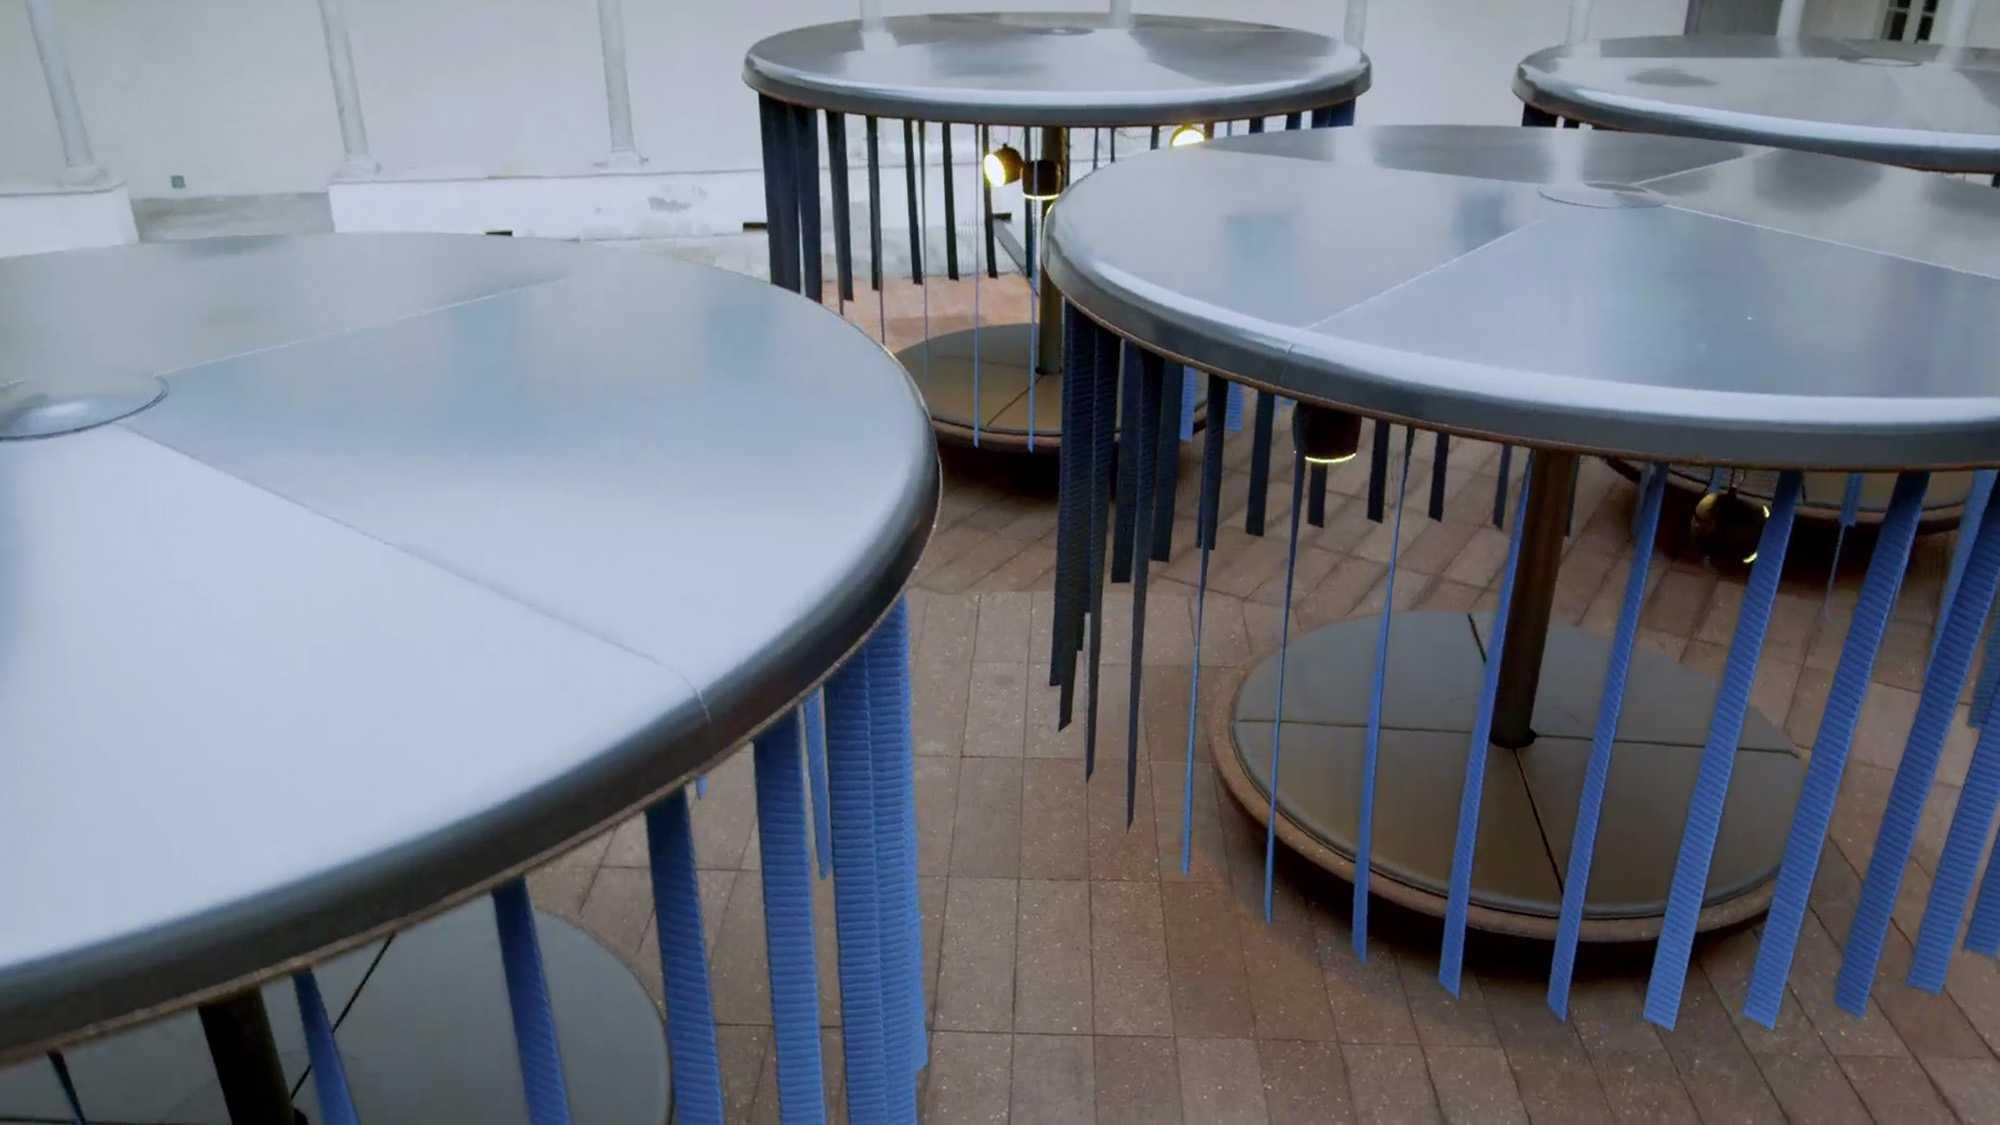 Zu sehen sind verschiedene Installationen. Sie erinnern an ein Karussell. Von den Decken dieser Installationen hängen blaue Streifen. Sie stehen auf einem Untergrund aus braunem Stein. Das Bild dient als Sliderbild für den Portfolioeintrag BMW Quiet Motion von Panda Pictures.